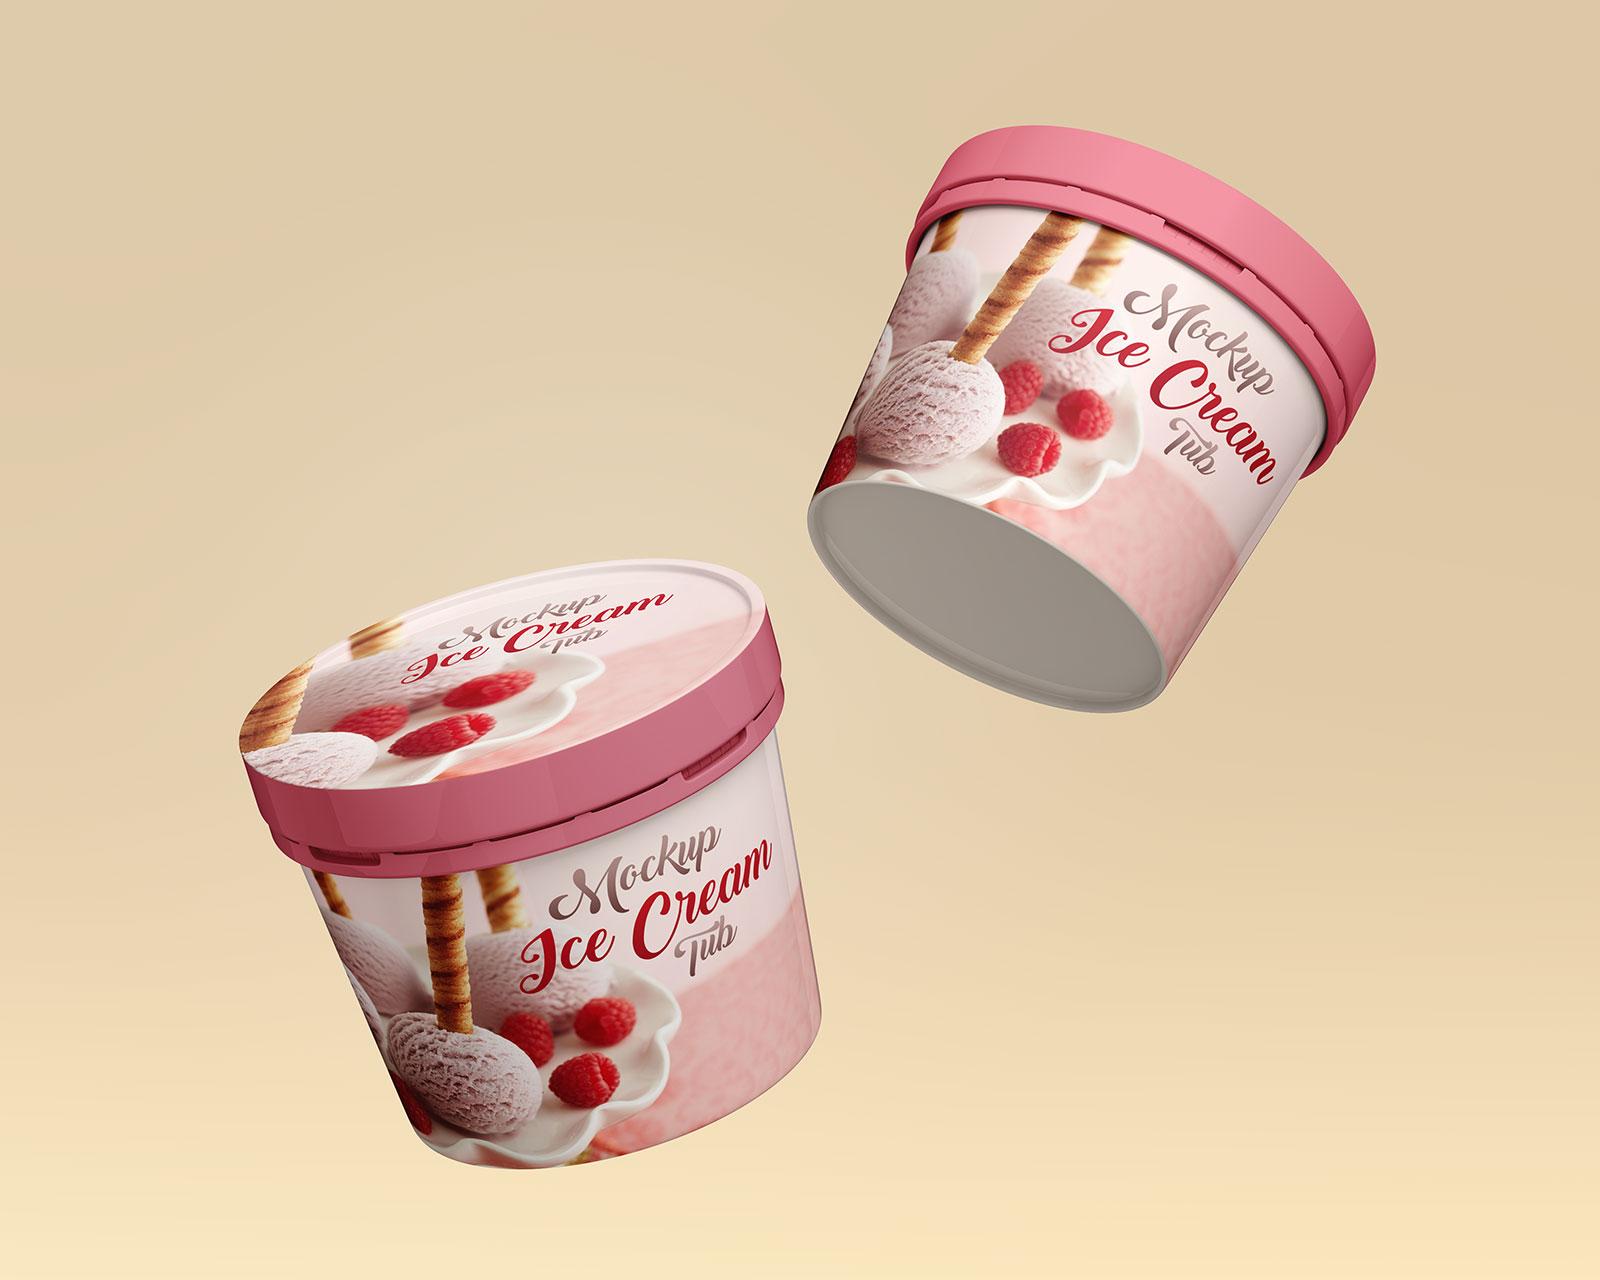 Free-Plastic-Ice_Cream_Tub-Mockup-PSD-Set